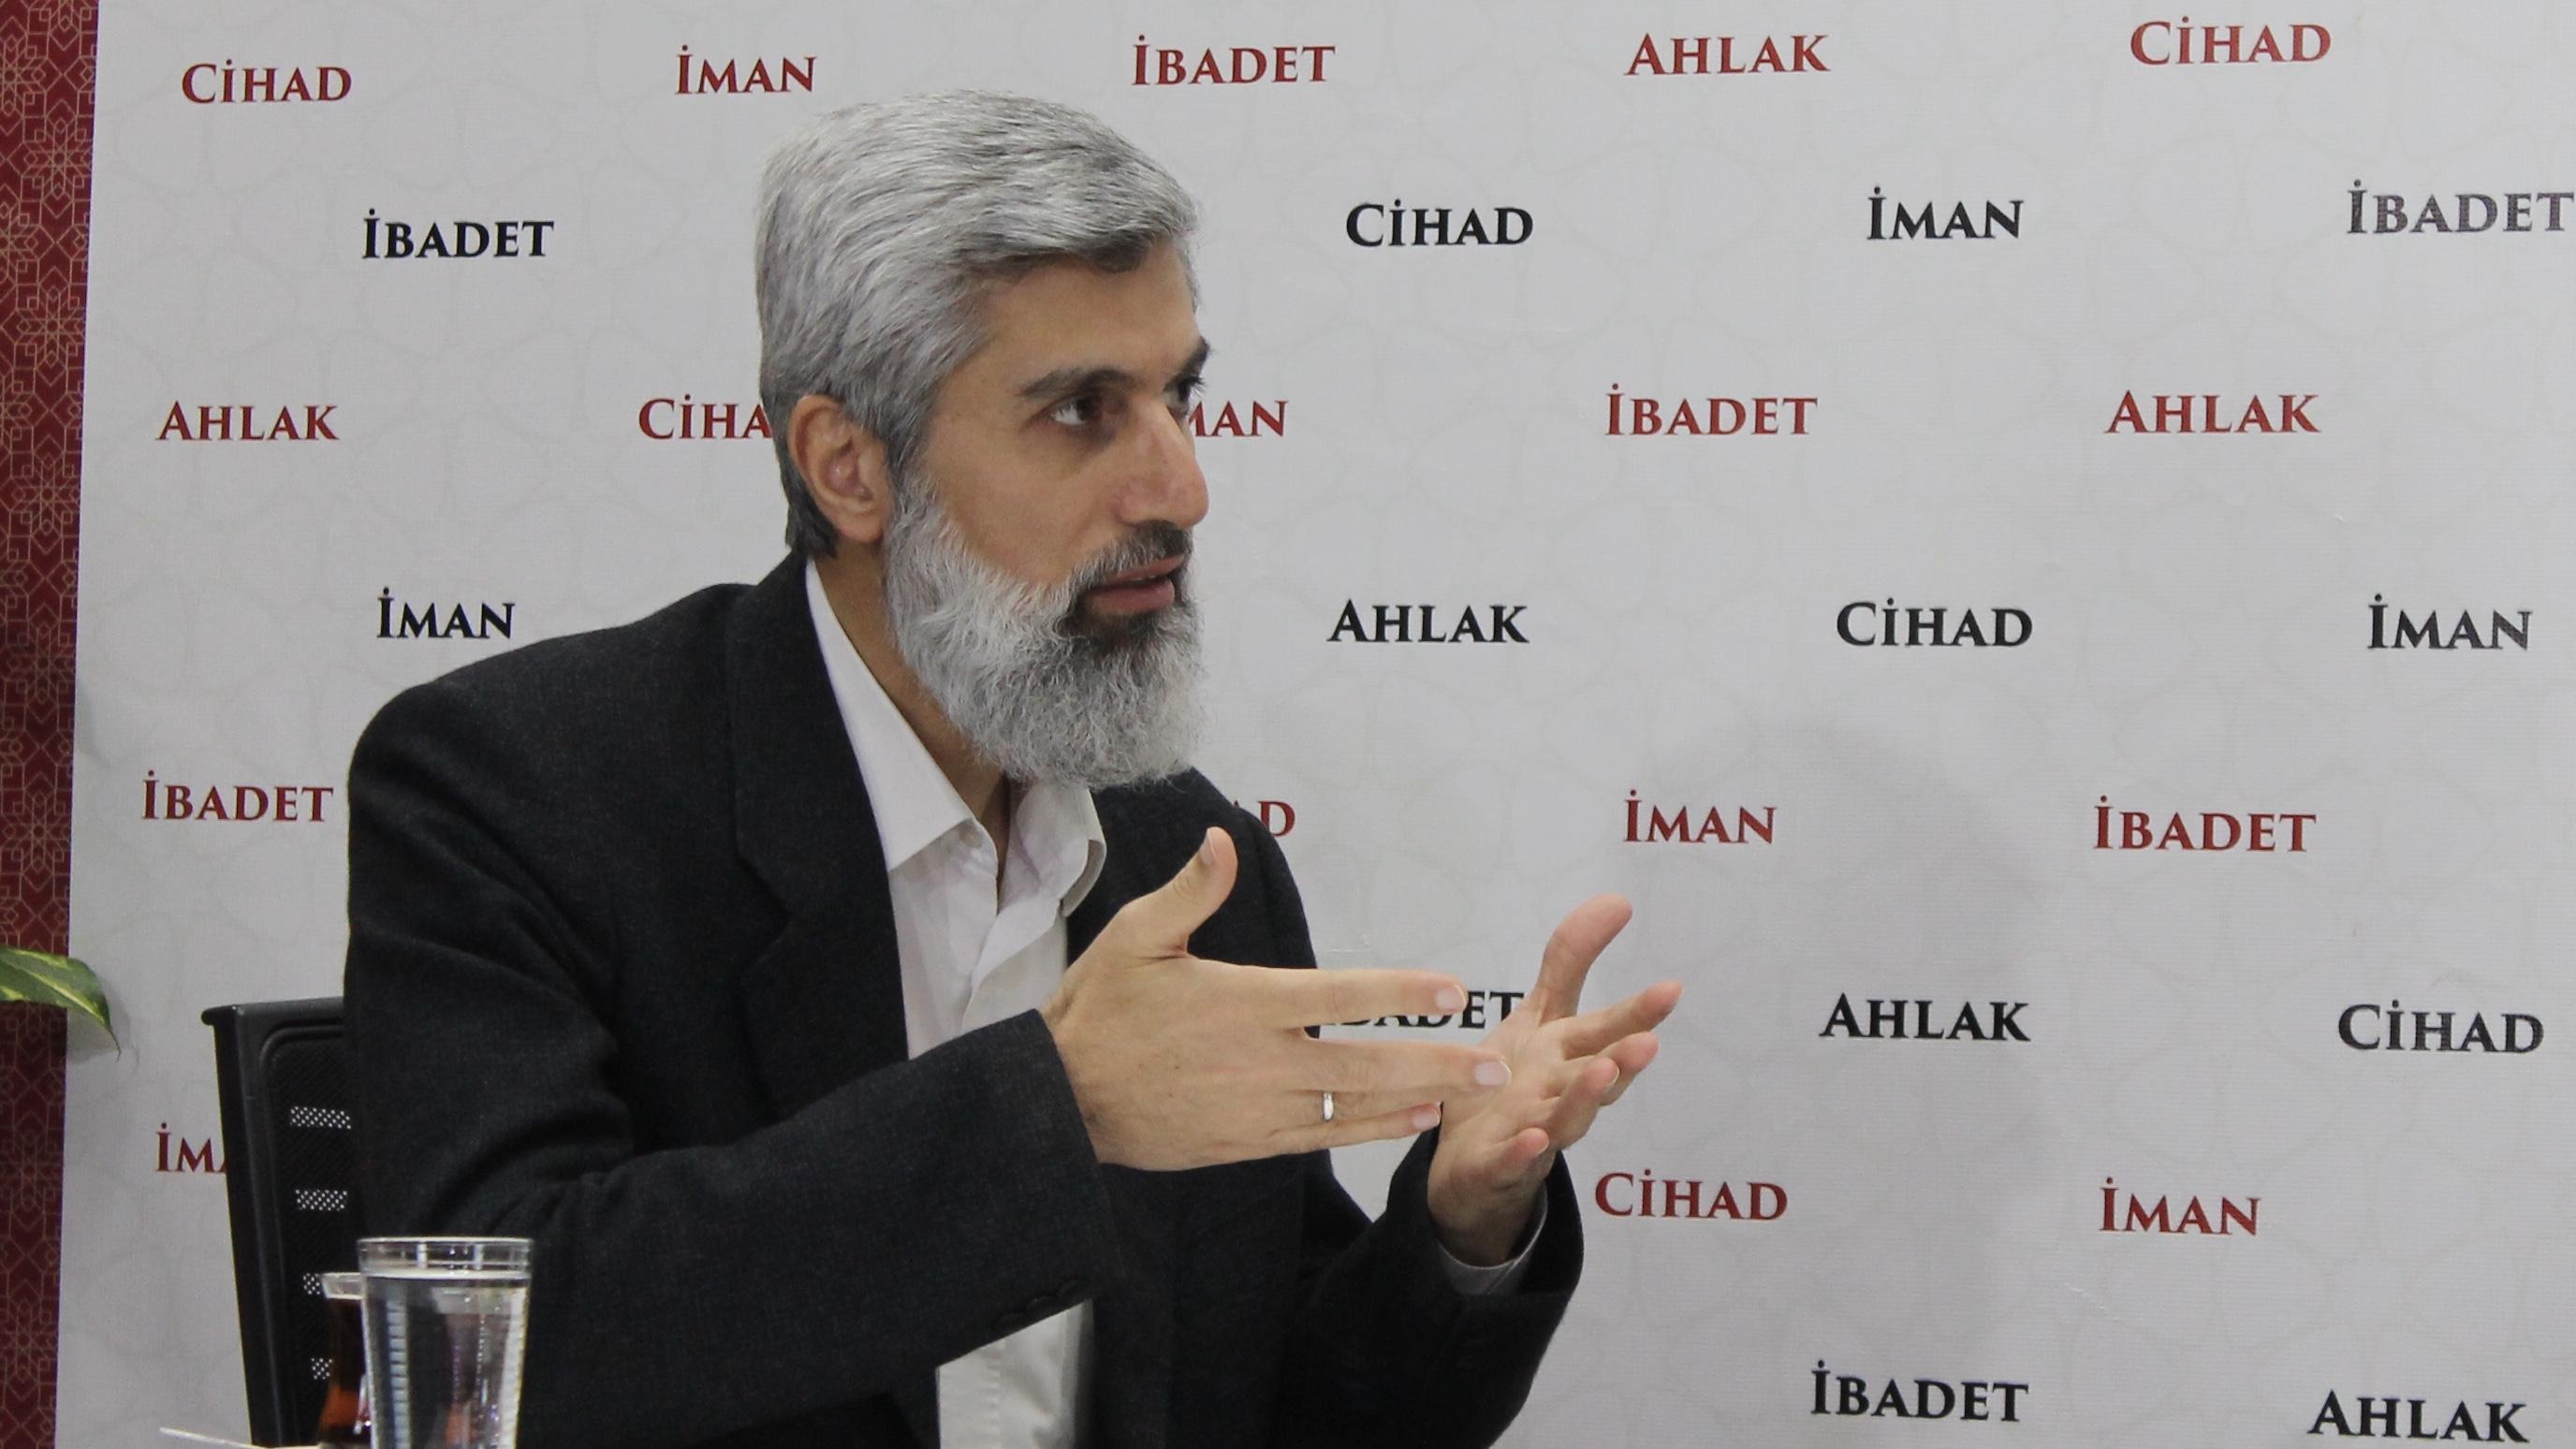 Alparslan Hoca: Biz çok güçlü devletiz diyorlar sonra da halkın vereceği 10 liralara bakıyorlar